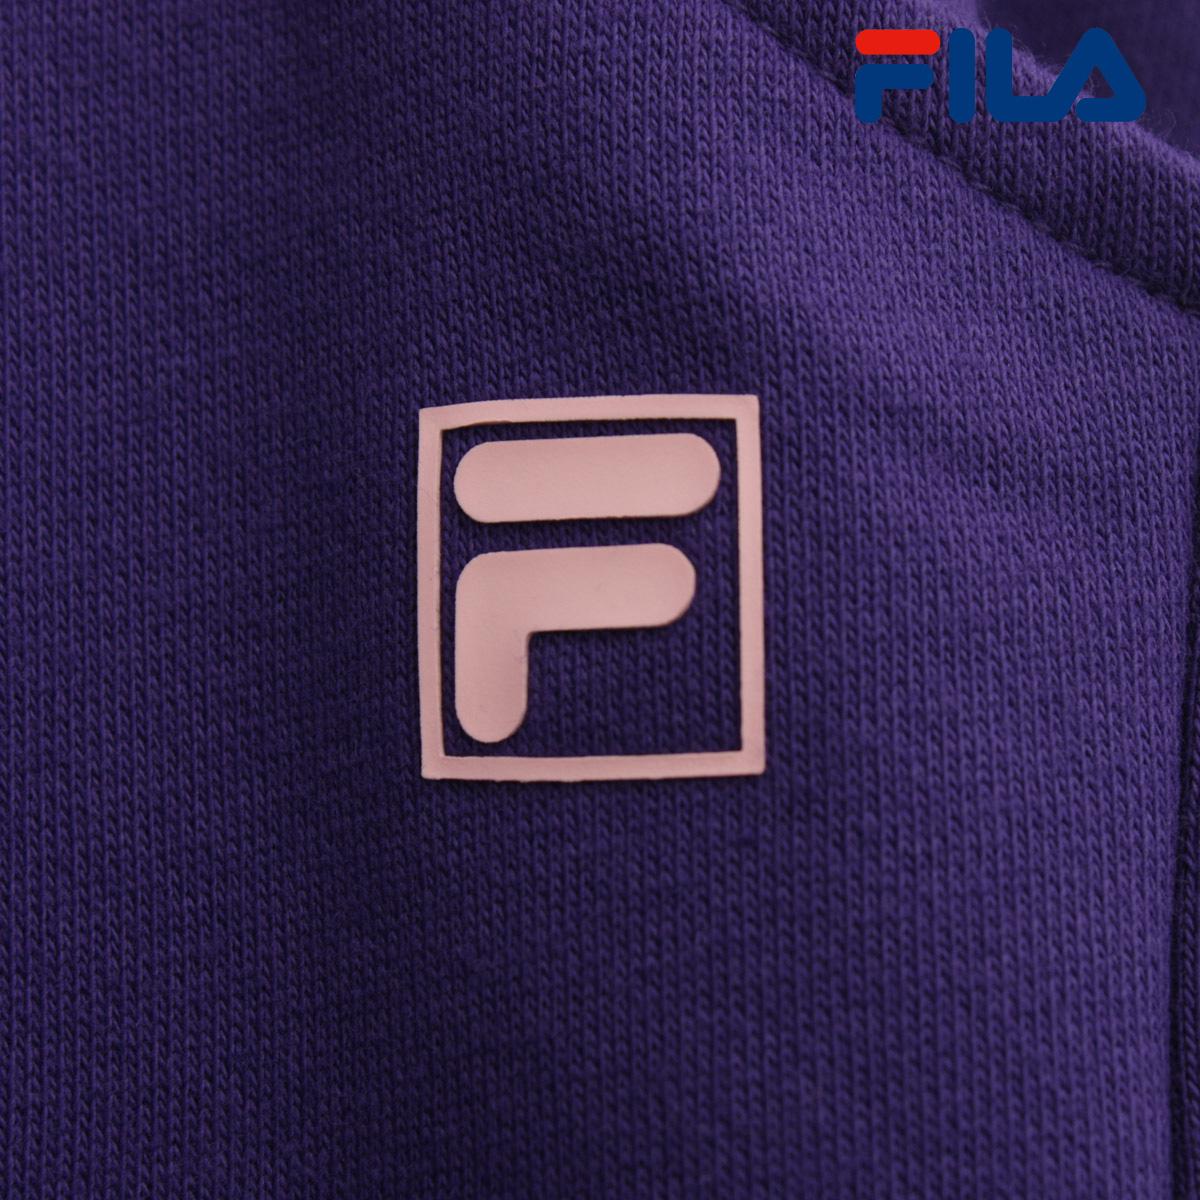 Брюки спортивные Fila 5044702/2 5044702-2 Женские Осень 2010